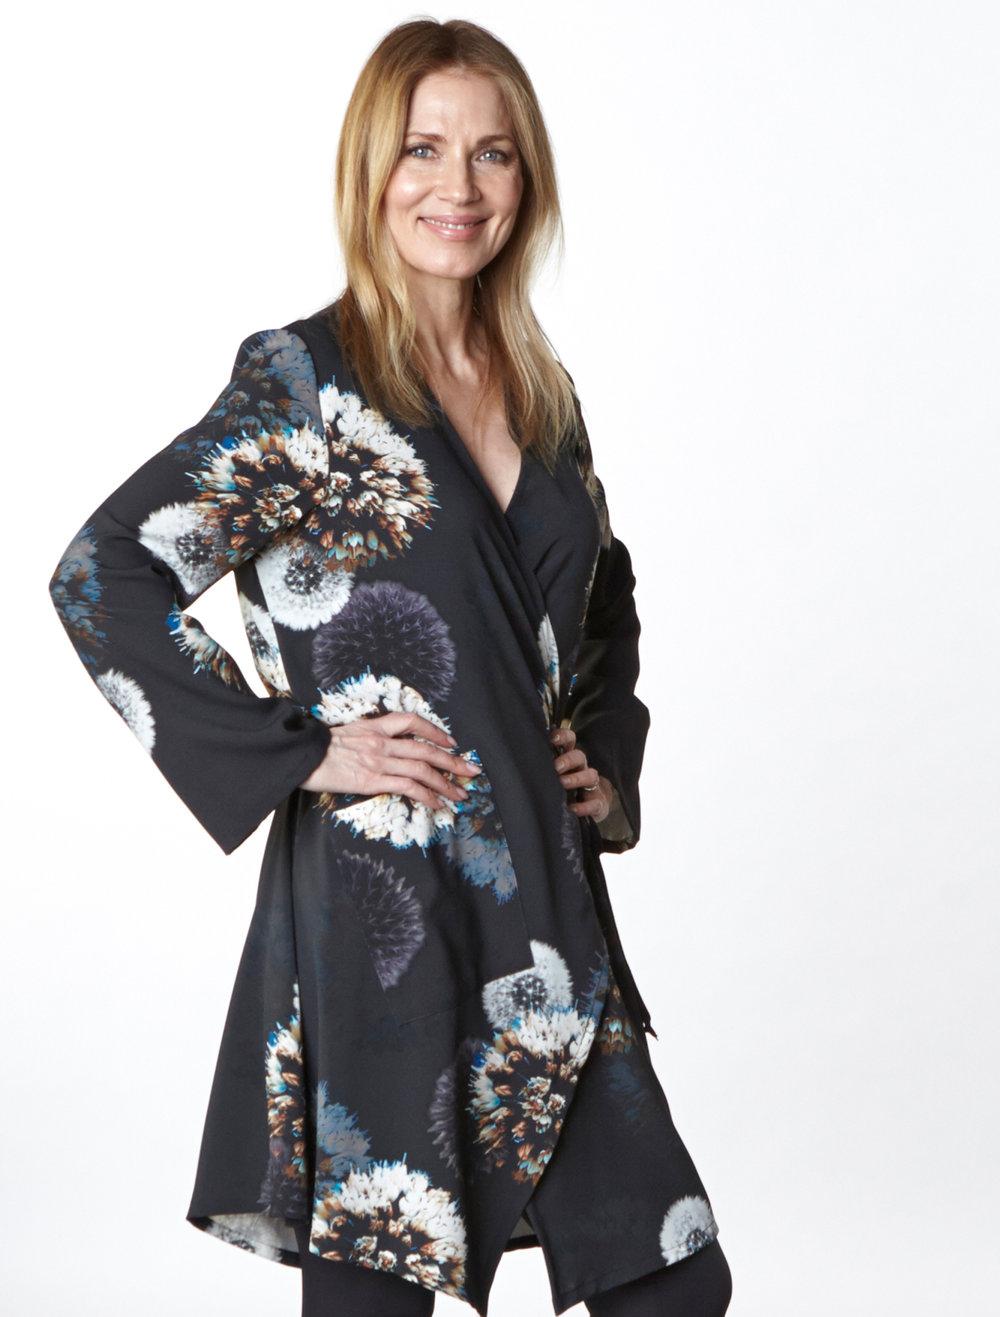 Andrea Jacket in Dandelion Italian Print Jersey, Legging in Black Modal Ponti